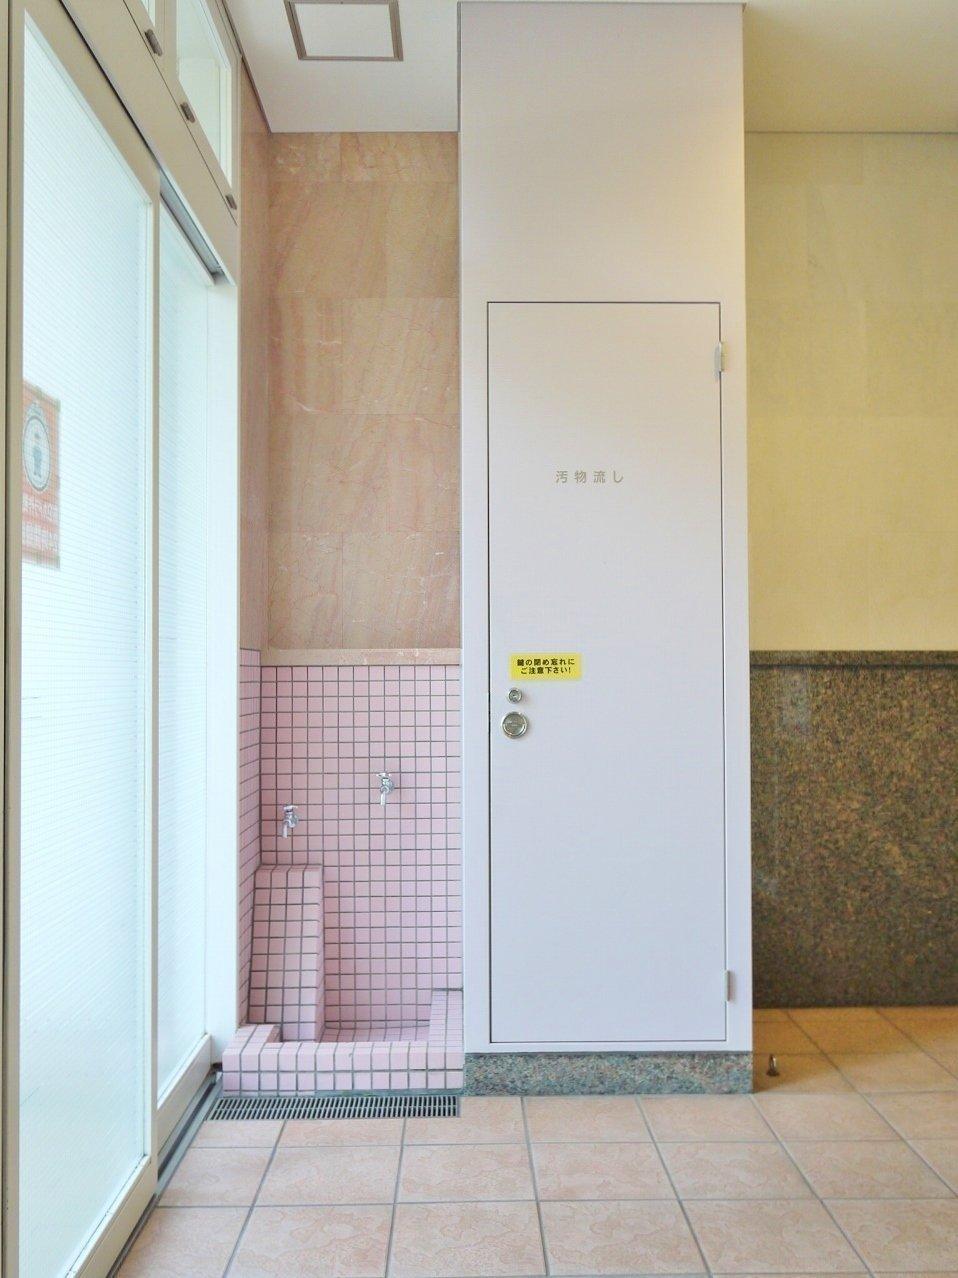 そして建物の1階には、散歩帰りの手足を洗う洗い場まで。ペットのために一生懸命考えられて作られた素敵なお部屋なのでした。